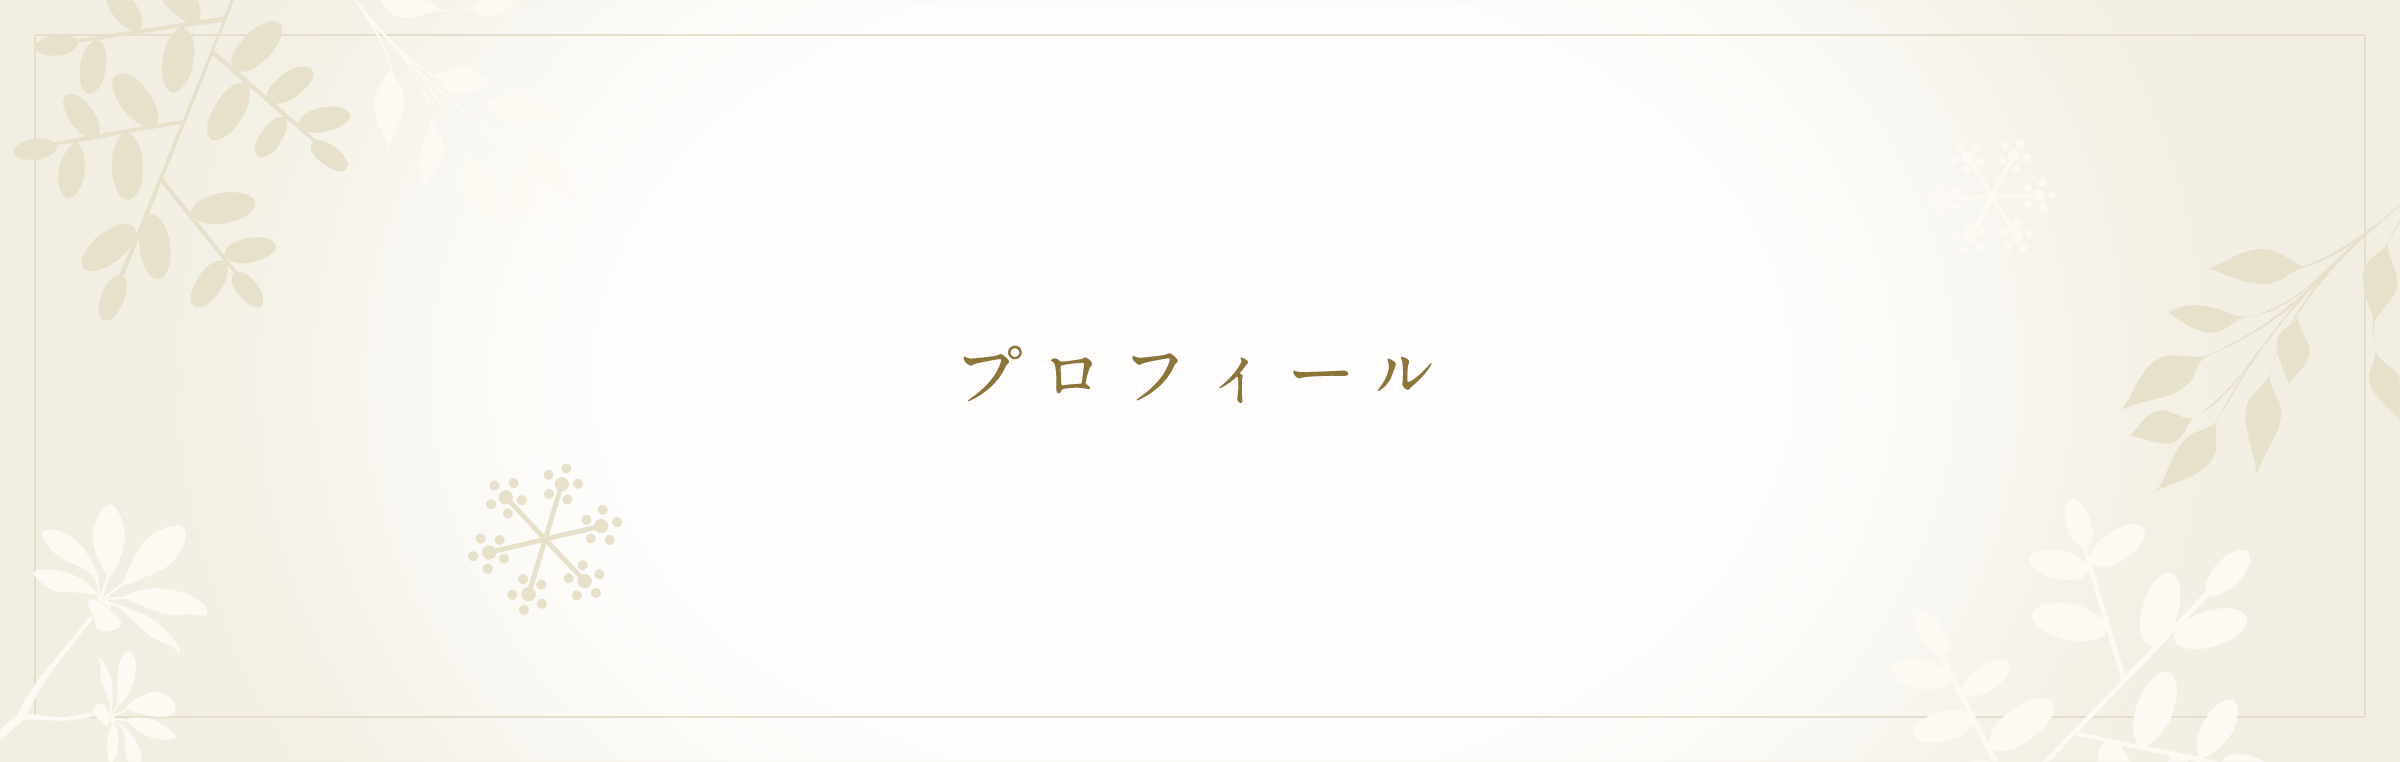 笹野裕美プロフィール